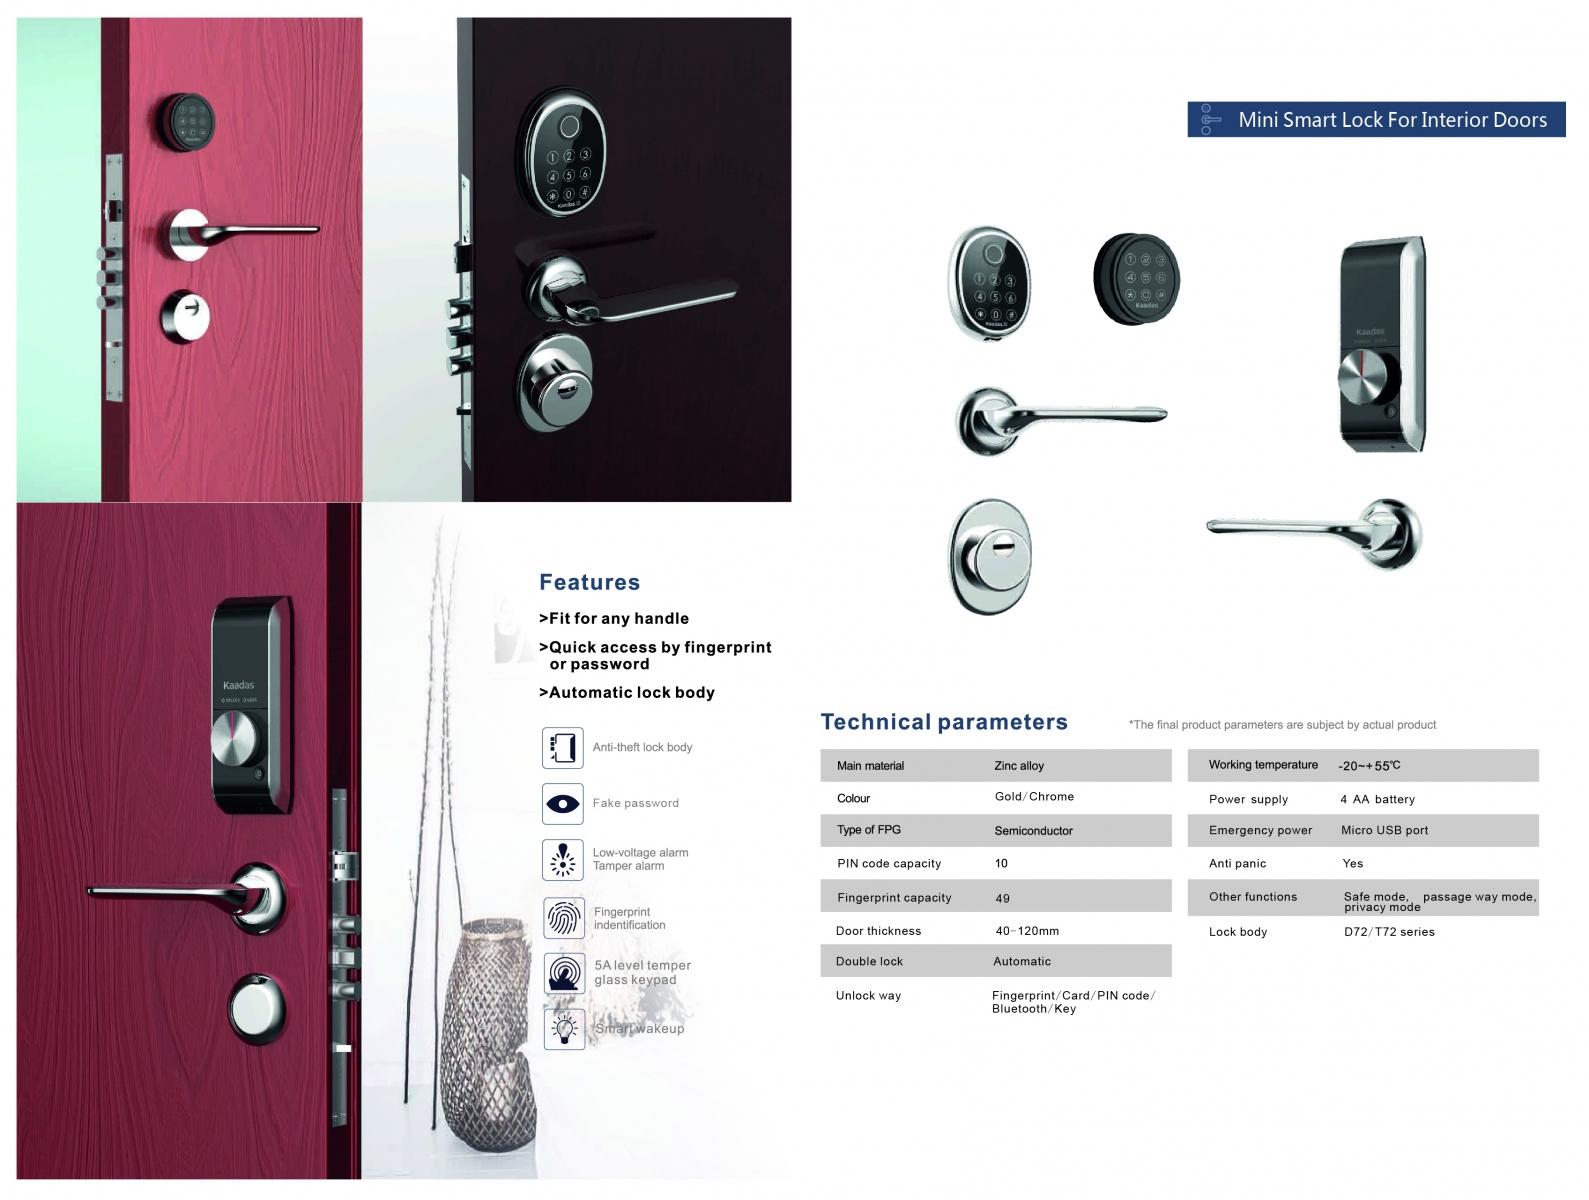 Ưu điểm của khóa cửa điện tử Kaadas cao cấp